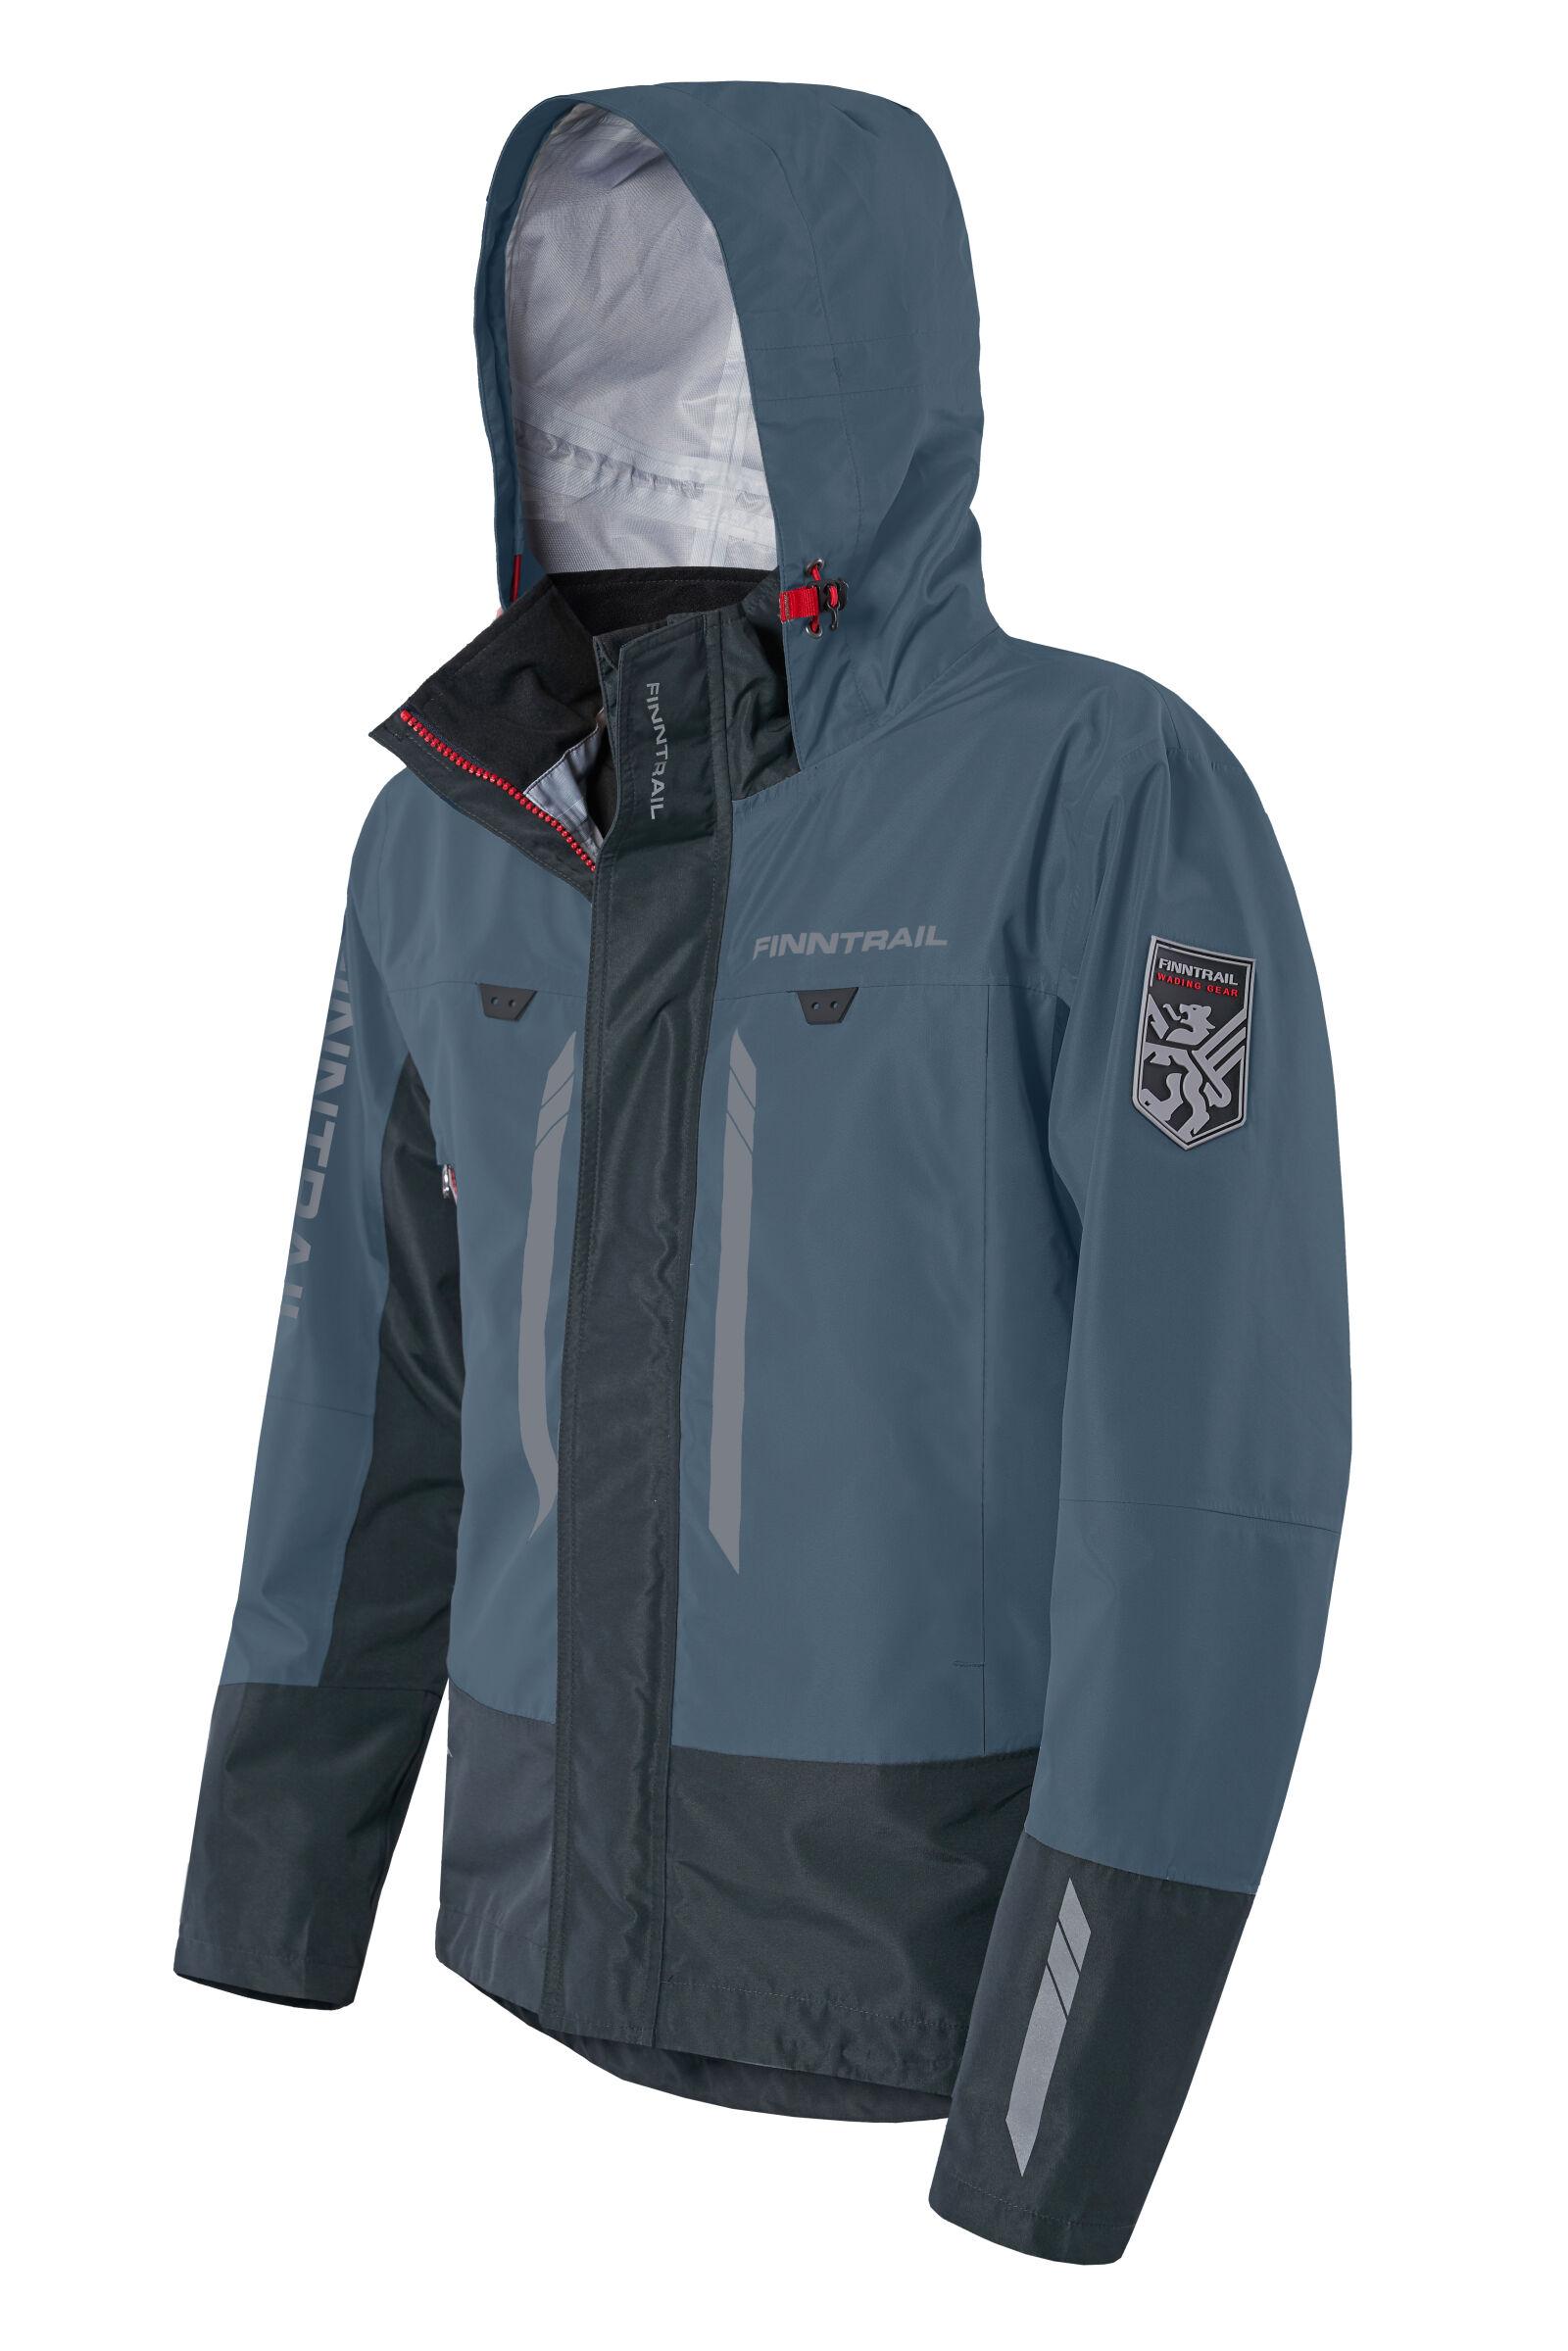 Finntrail Jacket GreenWood Blue